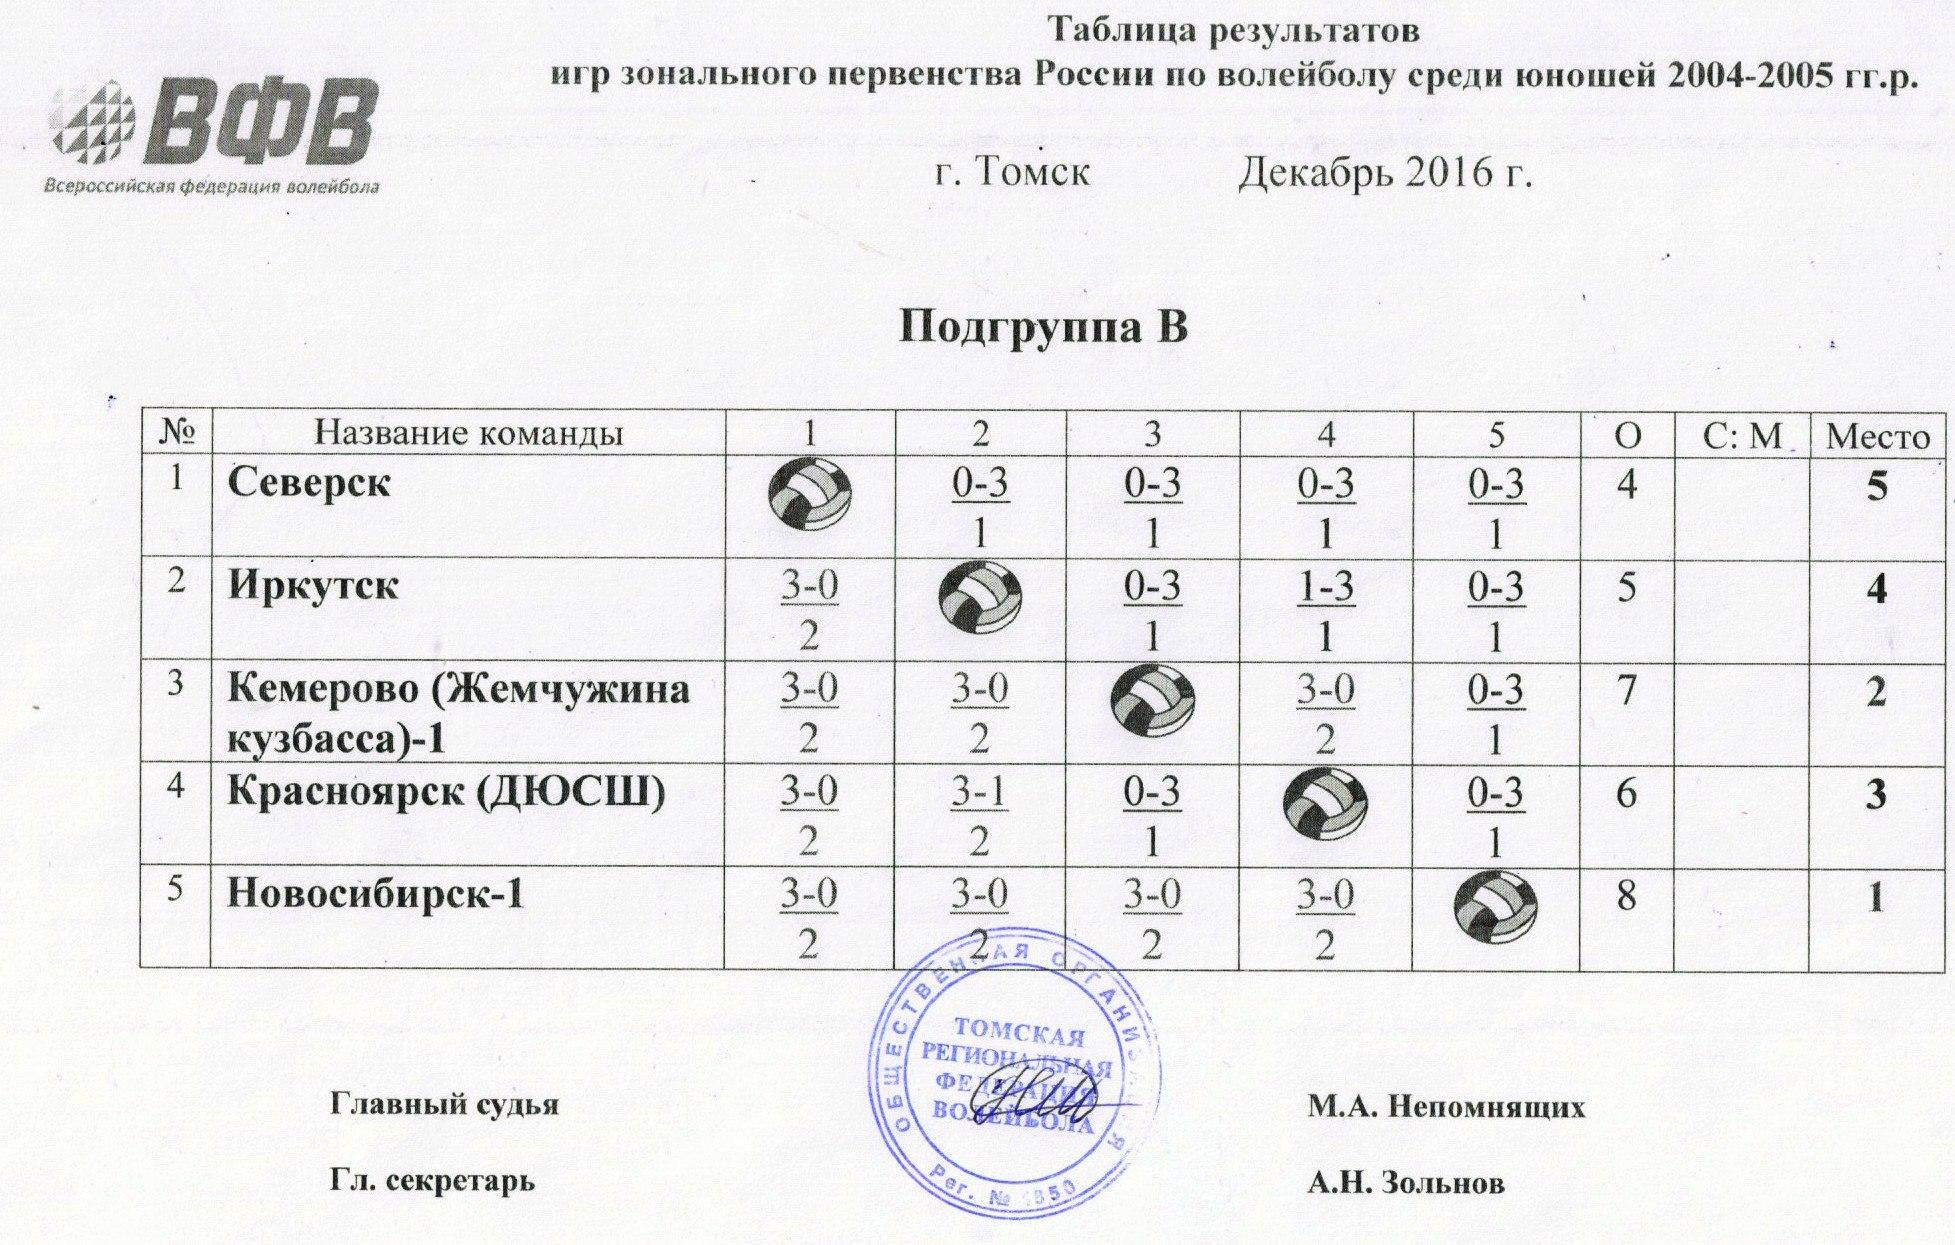 Подгруппа В Зонального этапа Первенства России по волейболу среди команд юношей 2004-2005 г.р. сезона 2016/2017.